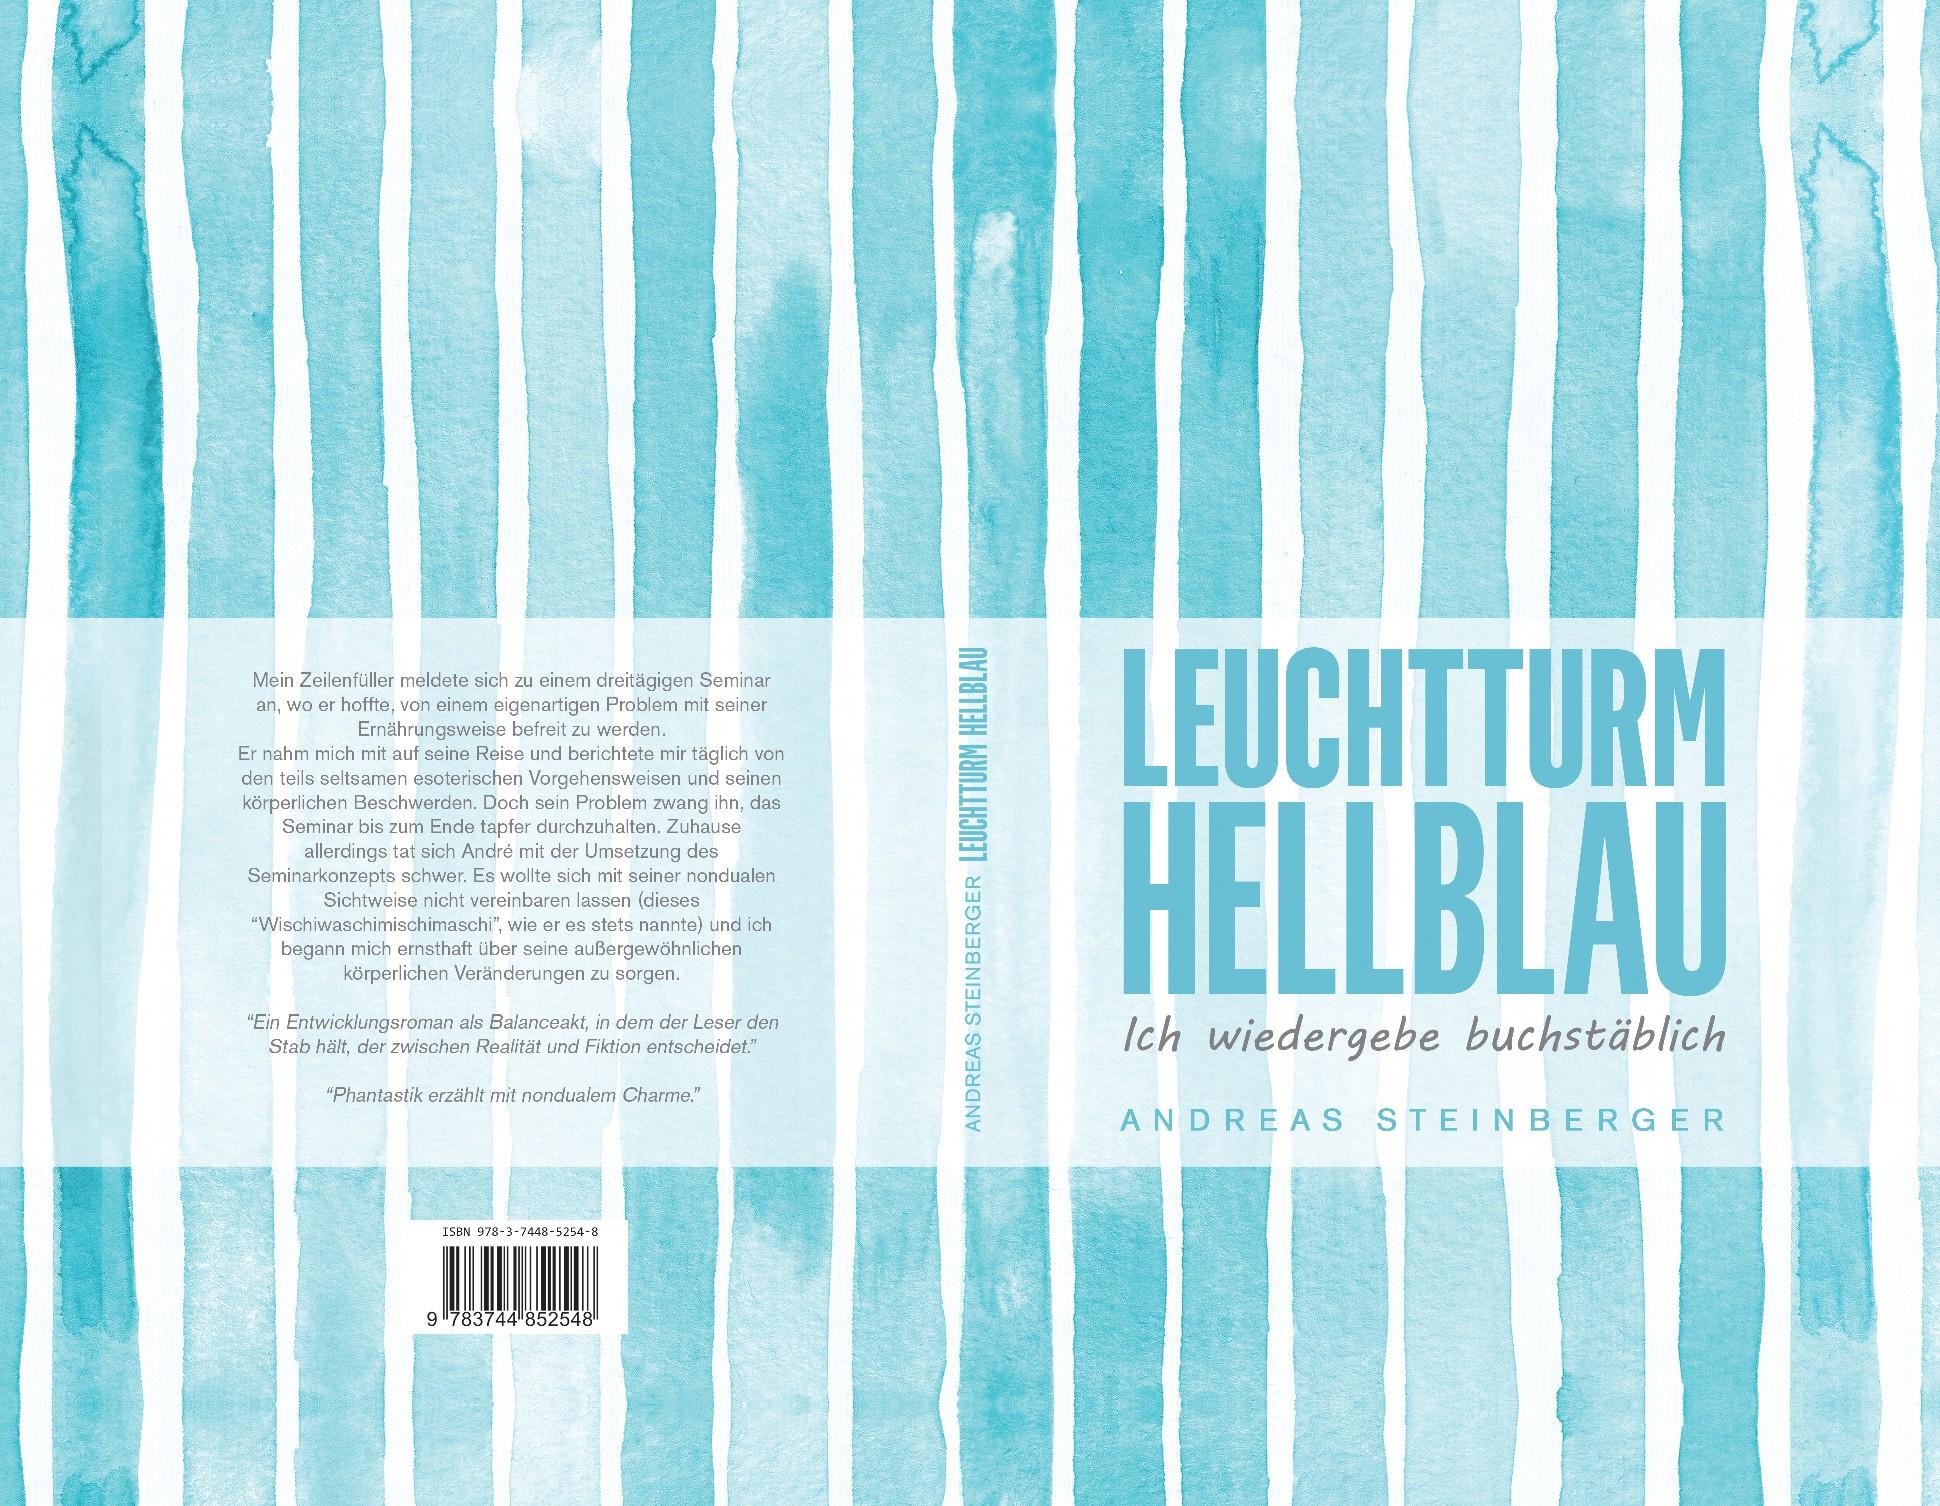 Selfpublisher-Wettbewerb, erstelle das bestes Buchcover, gemeinsam mehr Sichtbarkeit.